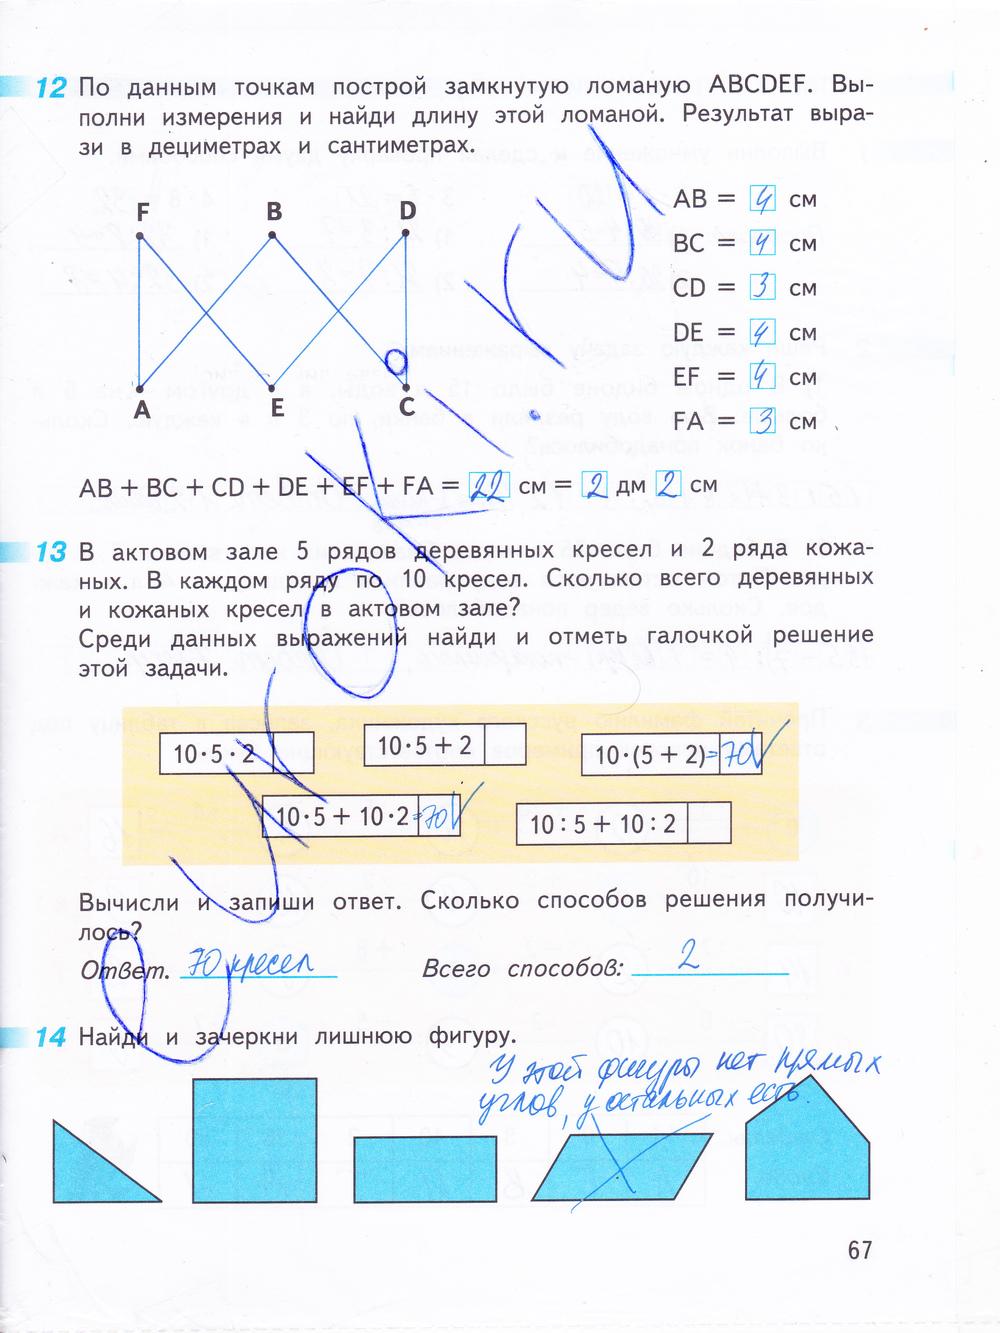 Гдз По Математике 5 Класс Дорофеев Рабочая Тетрадь 1 Часть Ответы